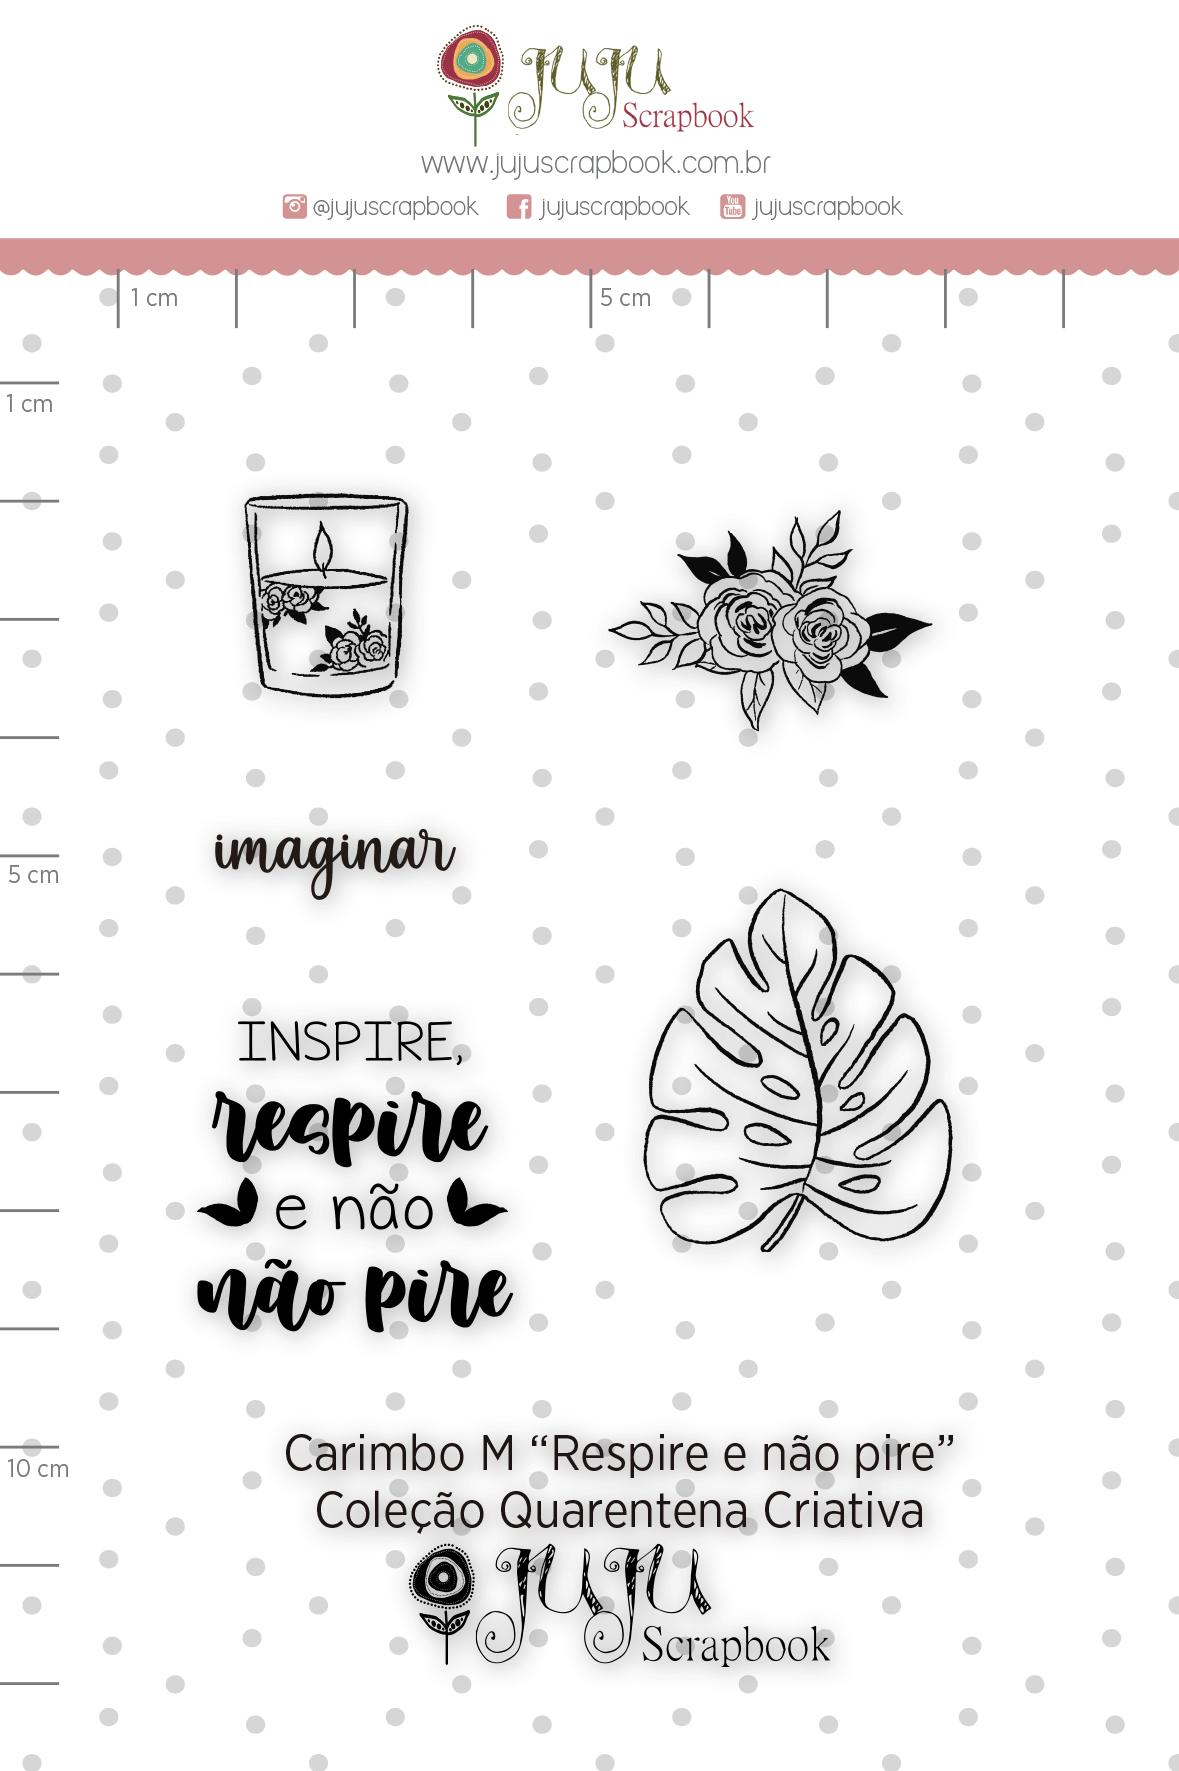 Box Scrap Minuto Clube Brasil -Juju Scrapbook  - JuJu Scrapbook